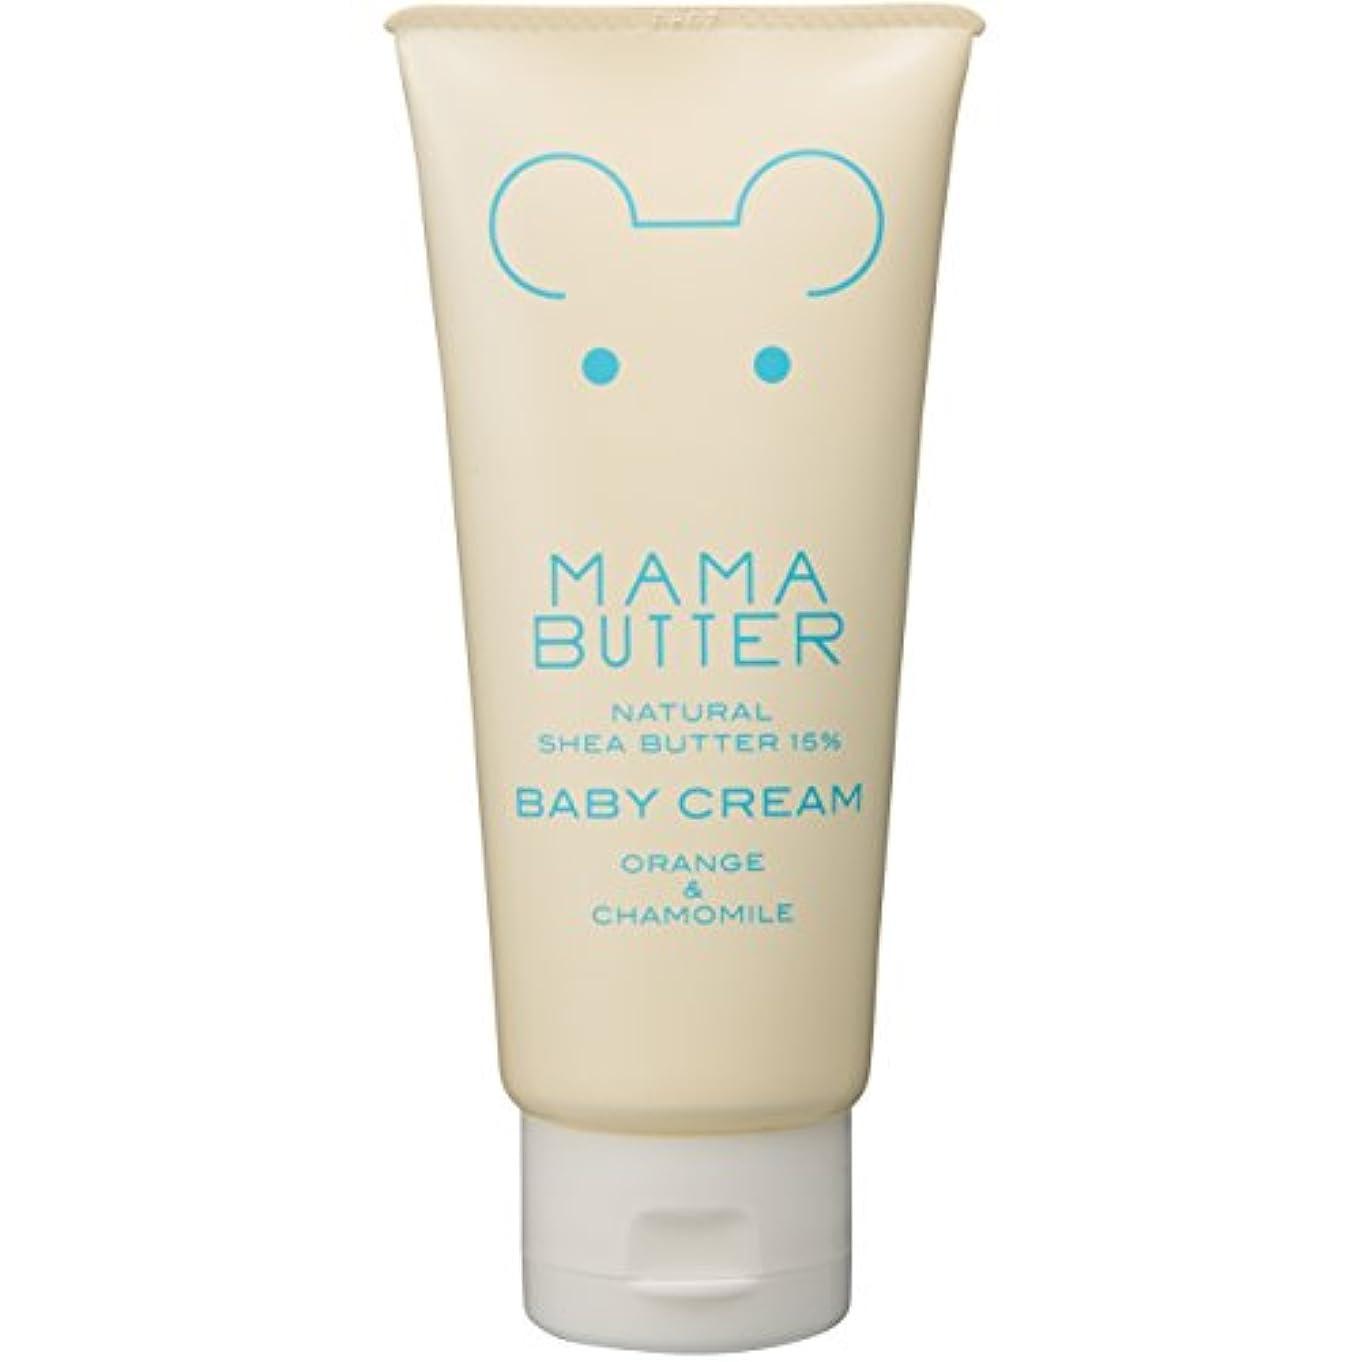 腹痛宮殿姉妹ママバター ベビークリーム 天然 オレンジ&カモミールの香り 130g